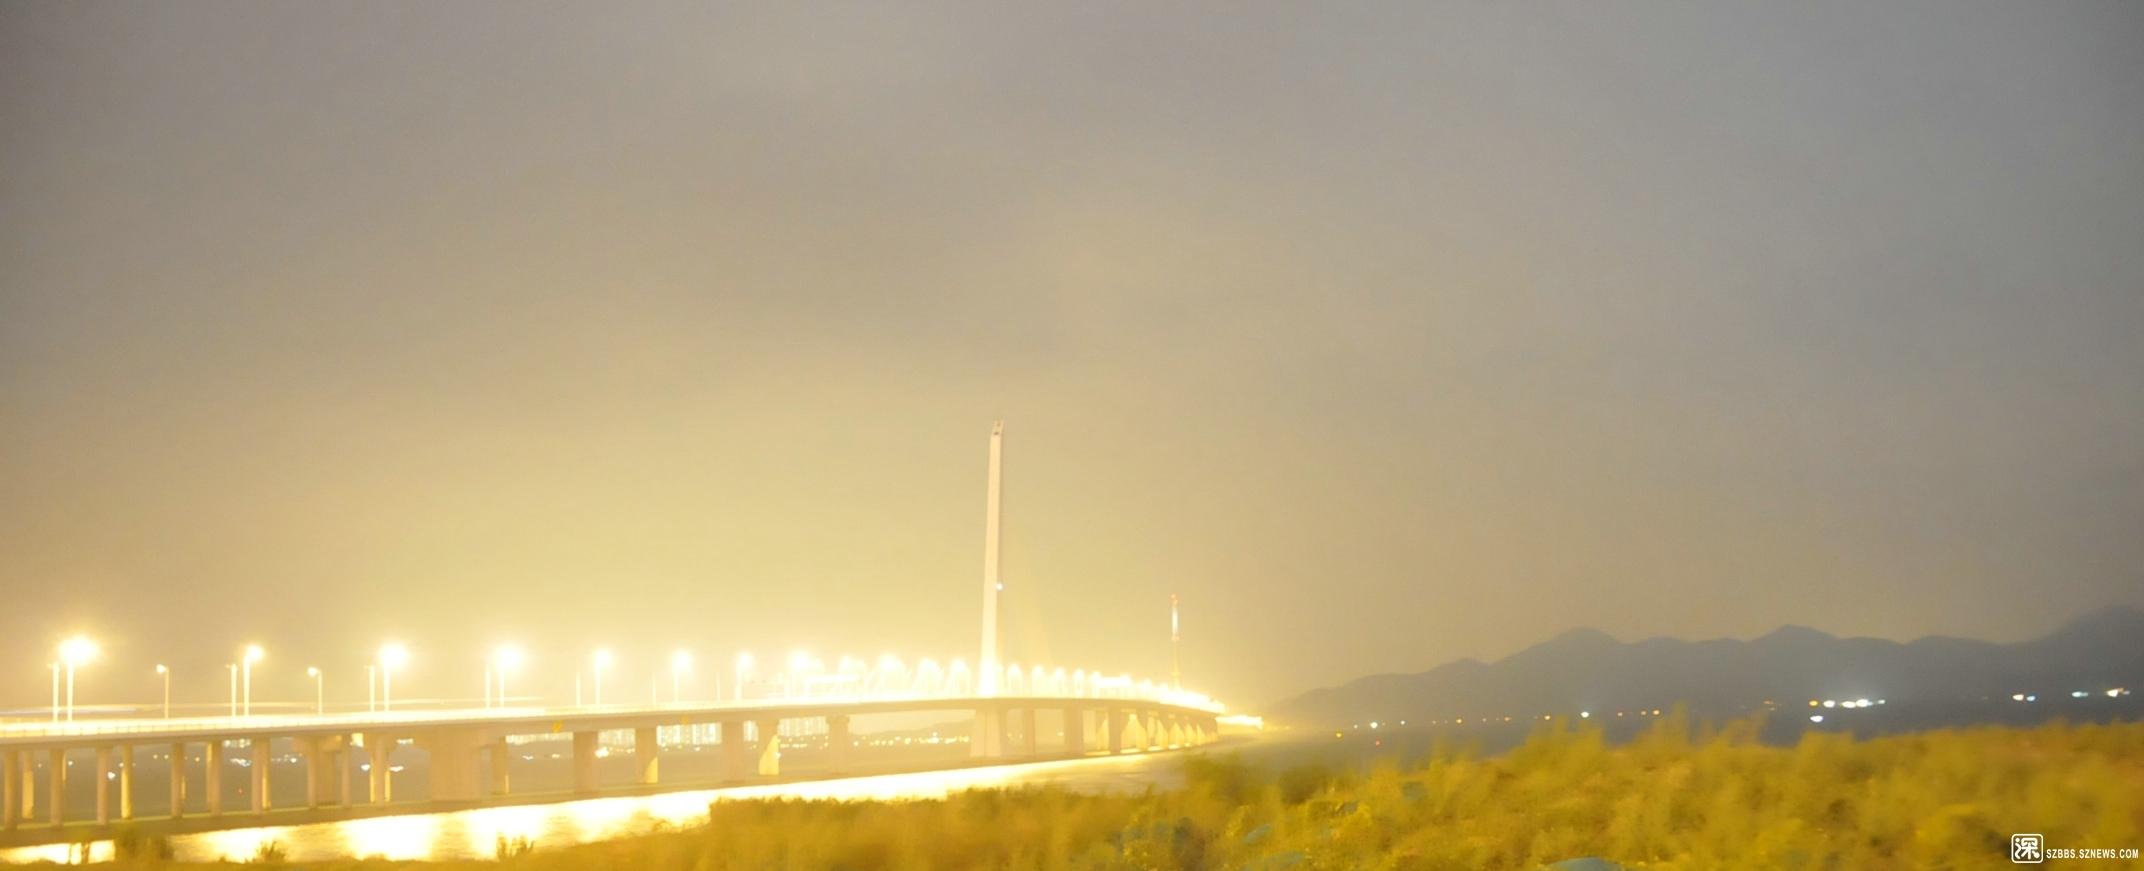 夜桥明53.JPG